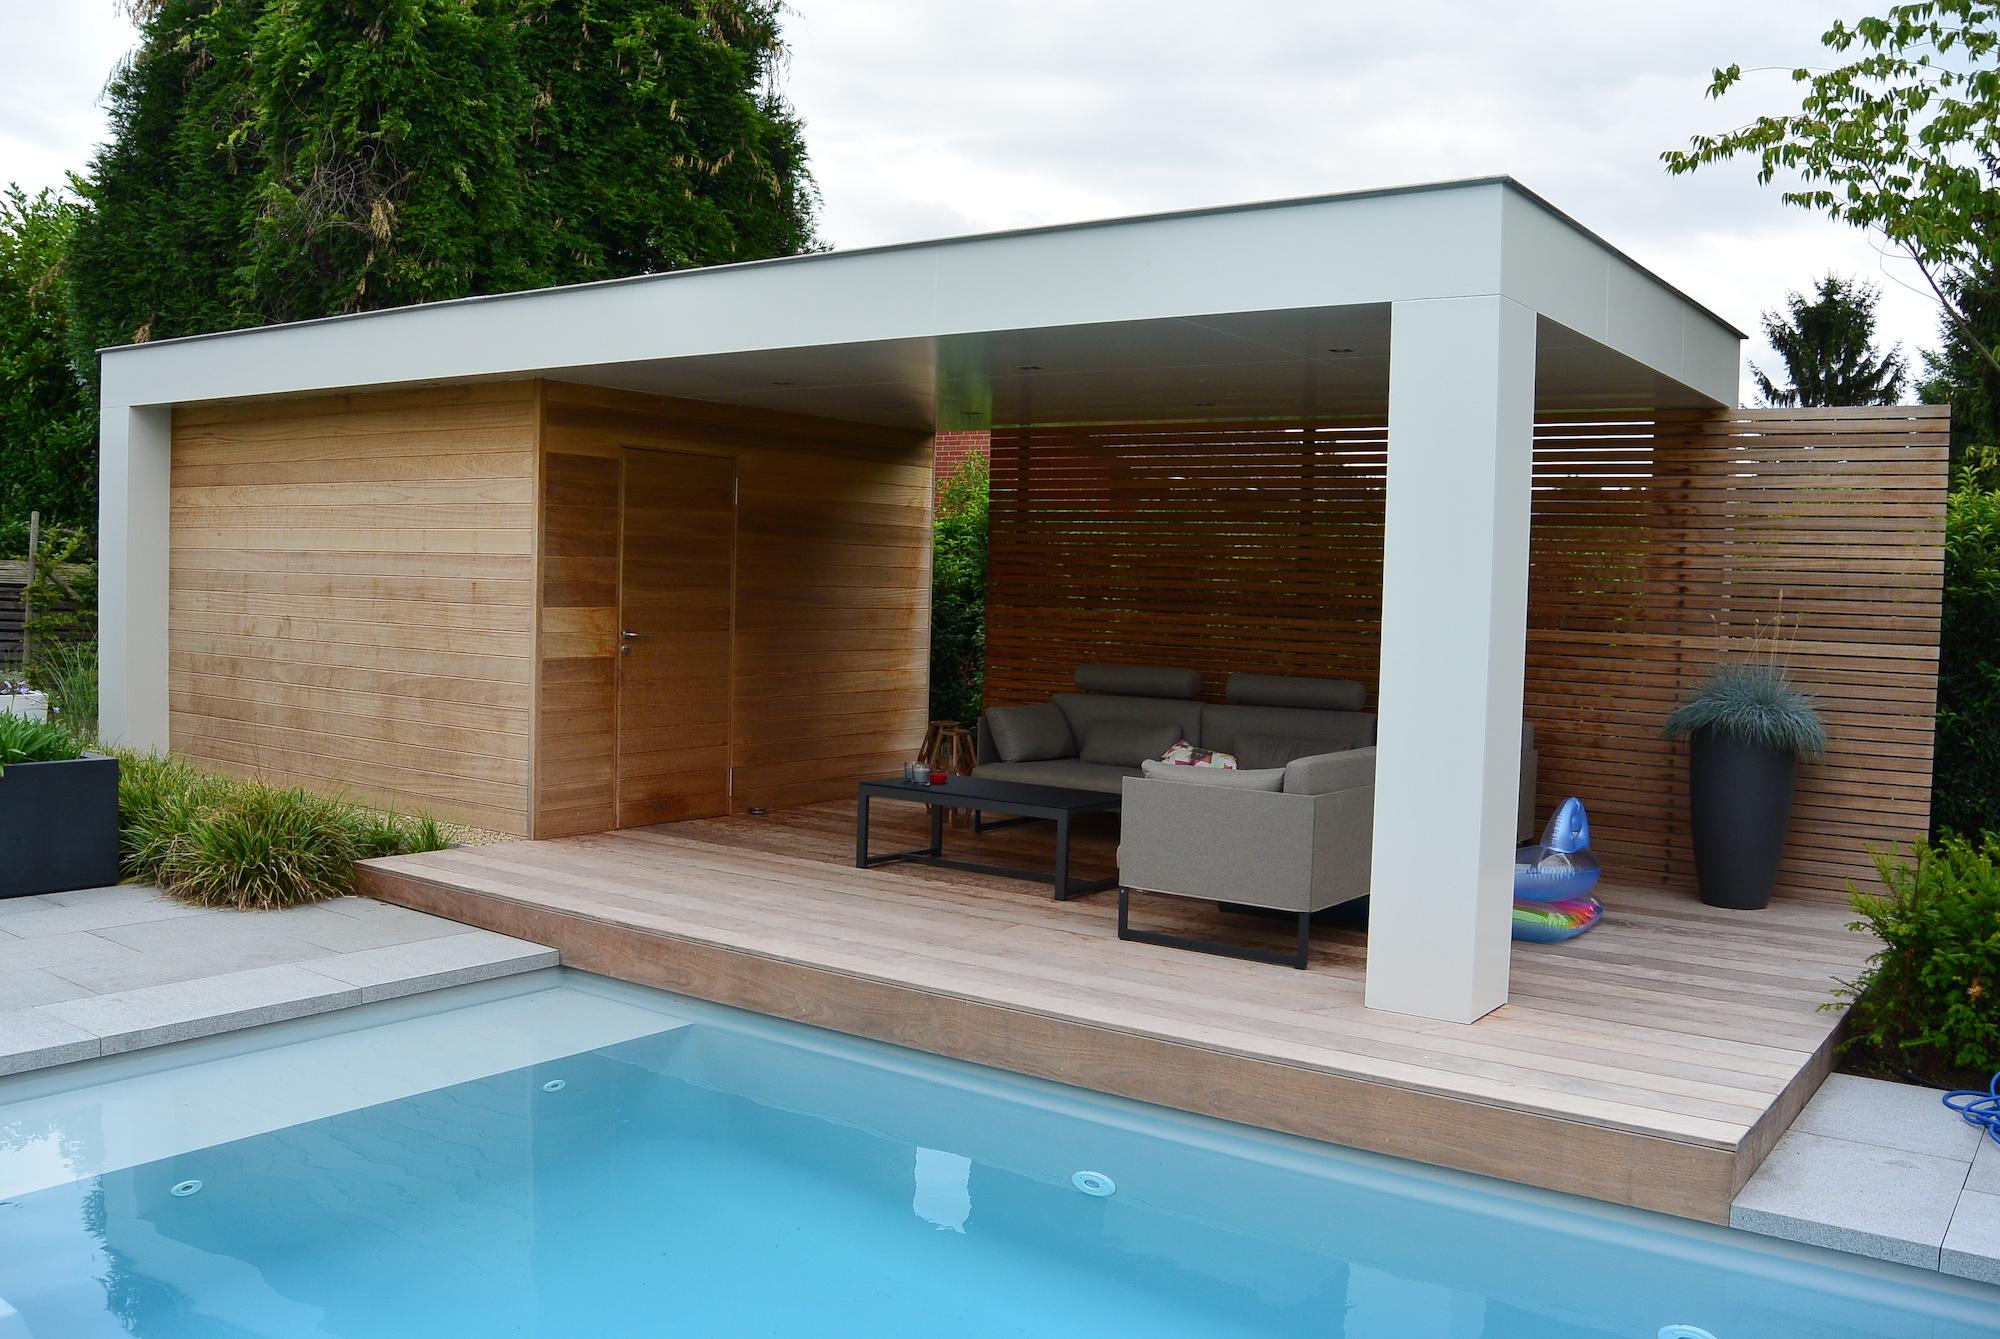 Overdekt terras met bijgebouw claeys houtconstructies